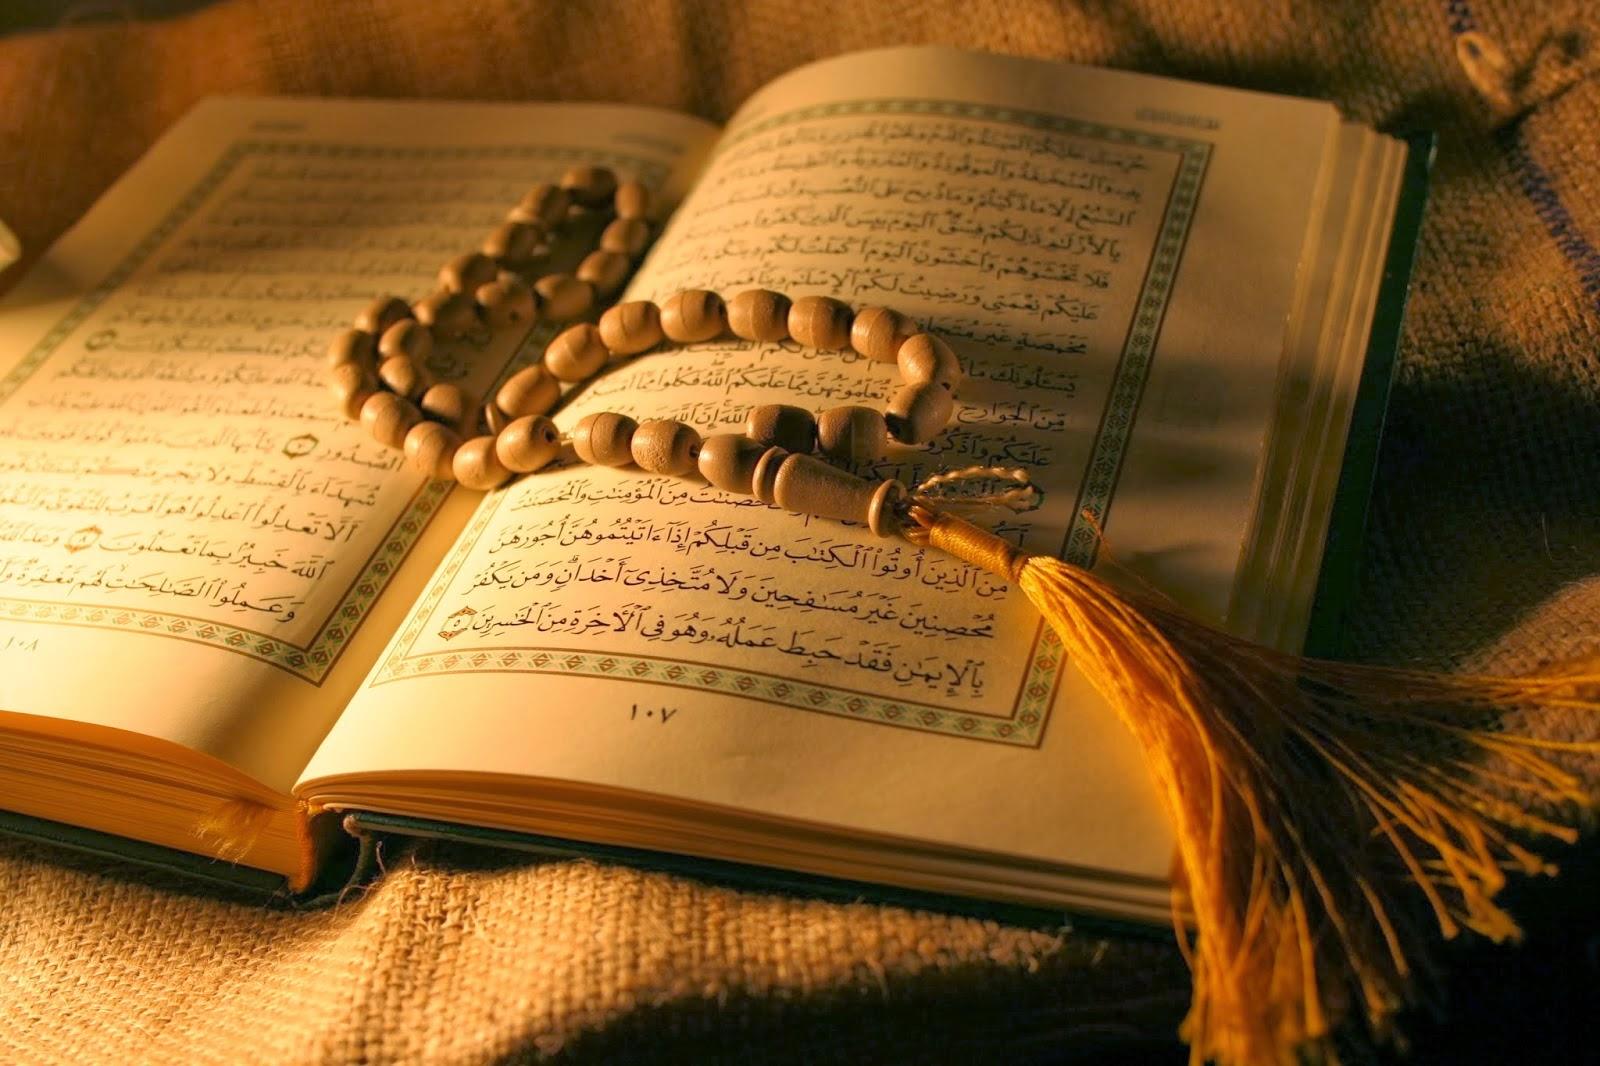 Keutamaan Al-Qur'an dibanding dengan Kitab-Kitab Suci Sebelumnya